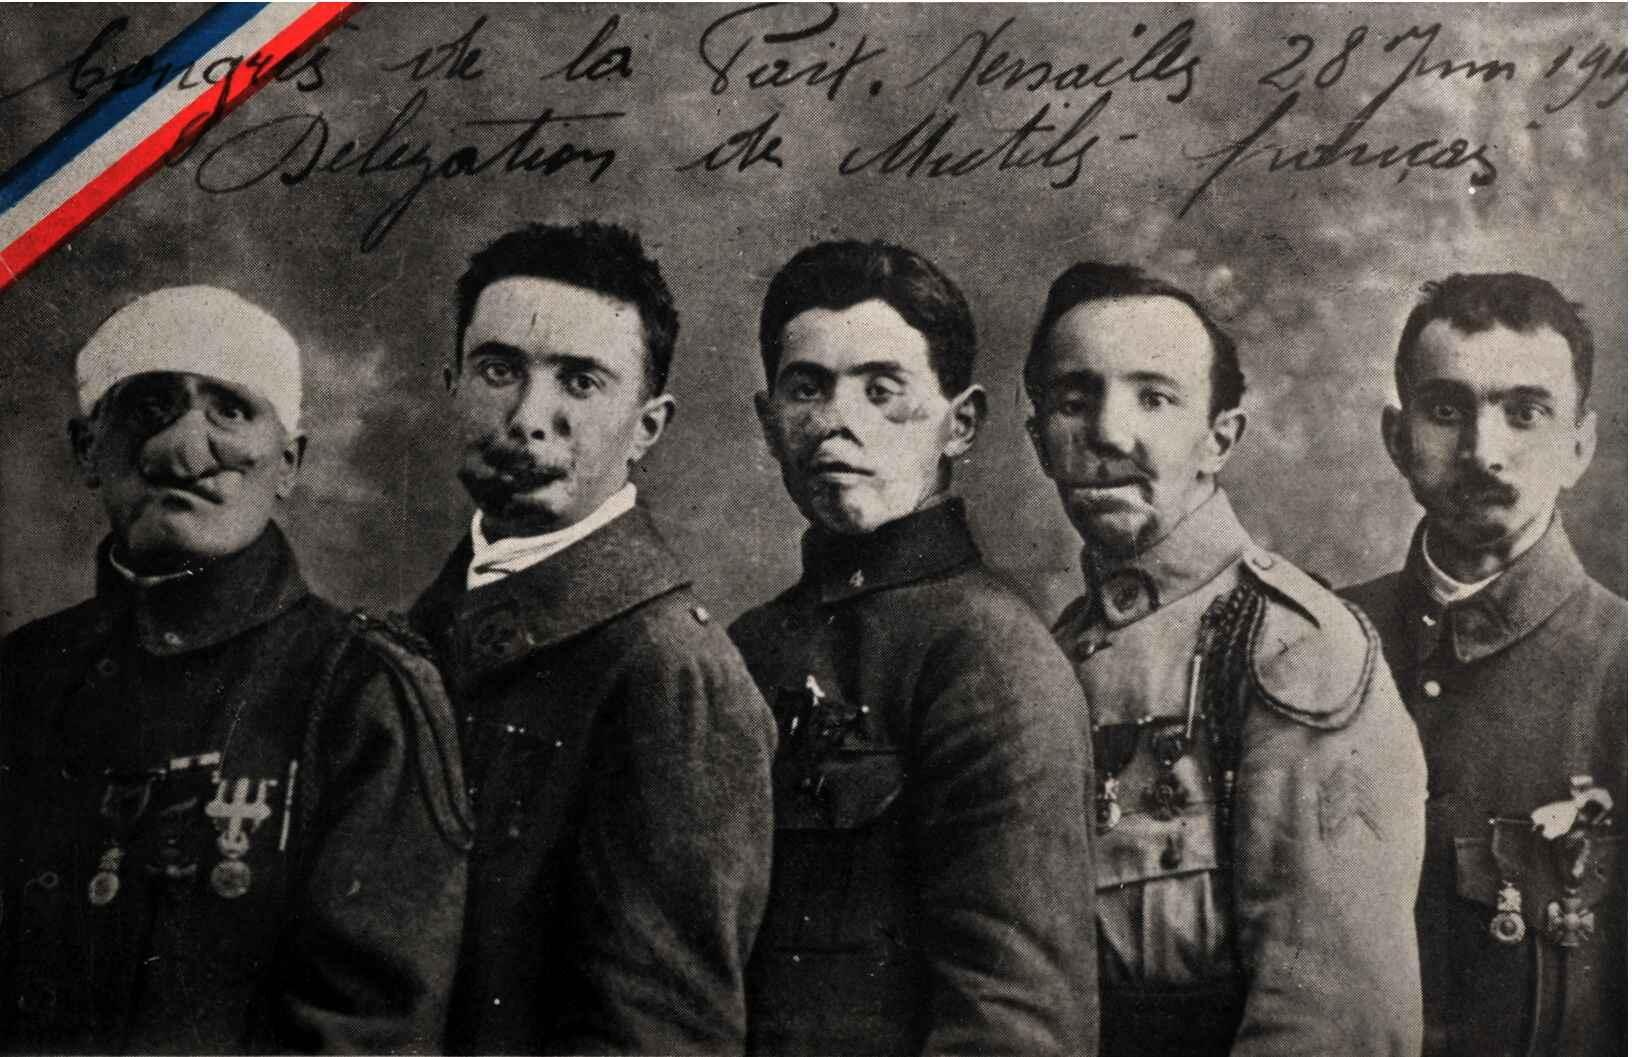 Открытка времен Первой Мировой войны: пять инвалидов, приглашенных  на подписание Версальского мирного договора.